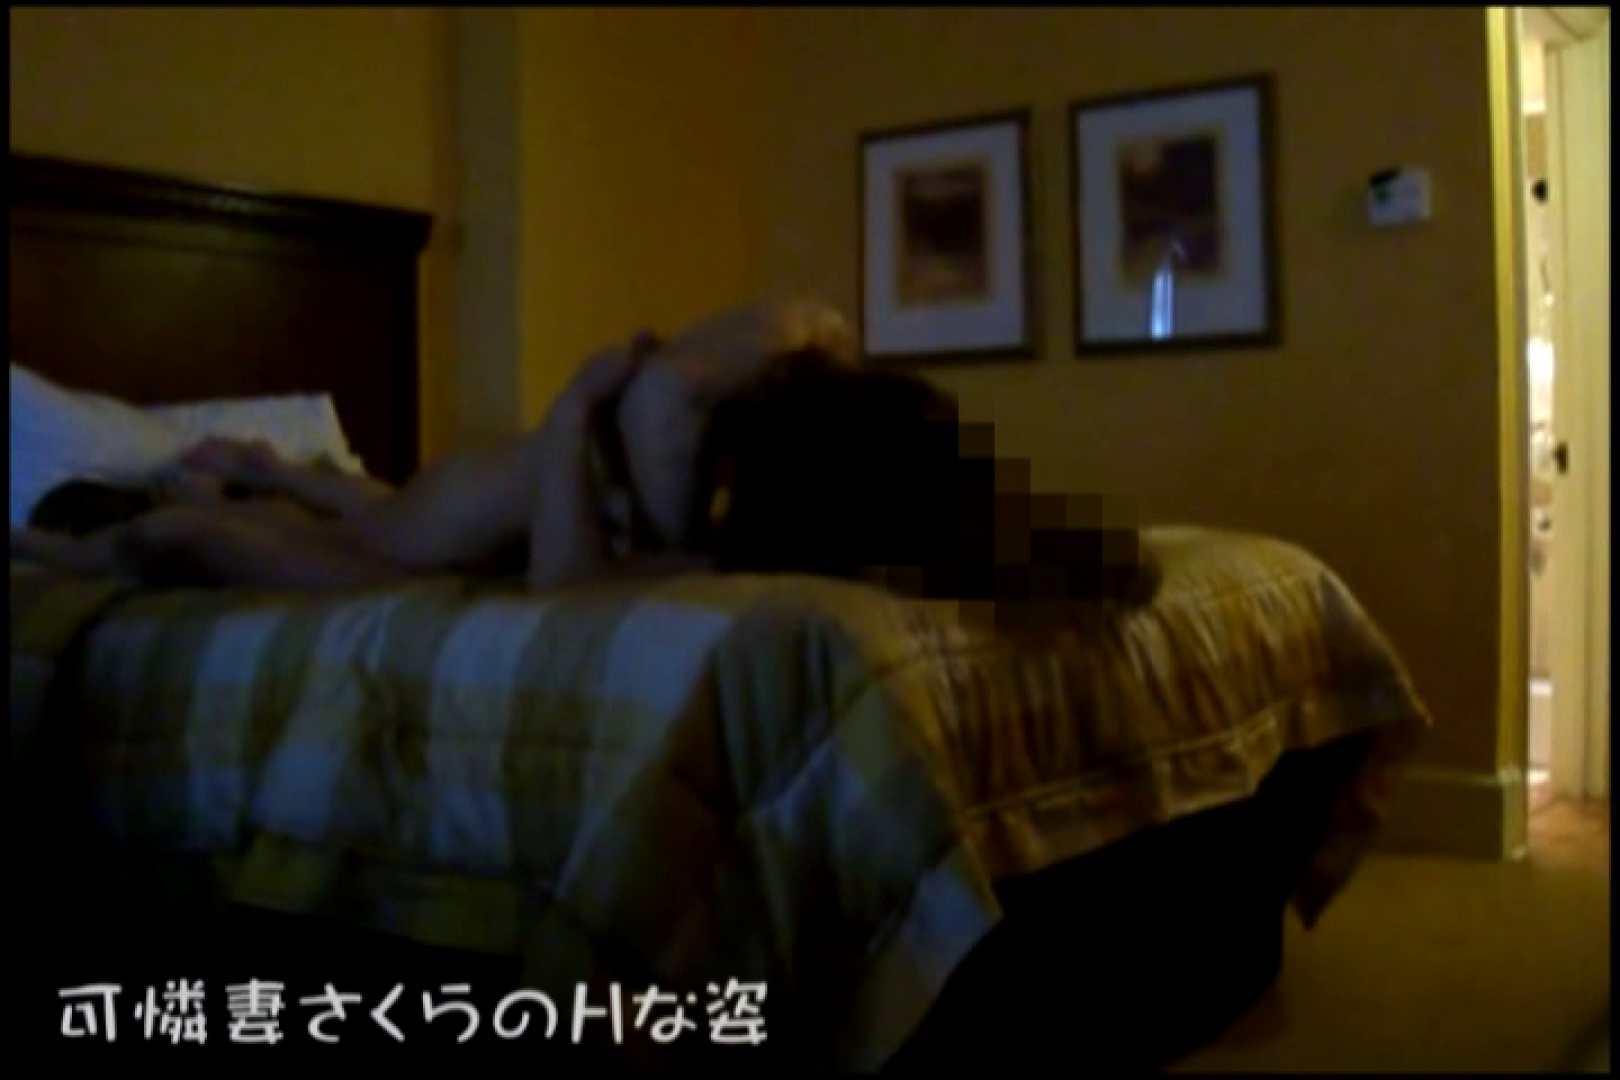 可憐妻さくらのHな姿vol.9後編 熟女の裸体 | OL裸体  106画像 42